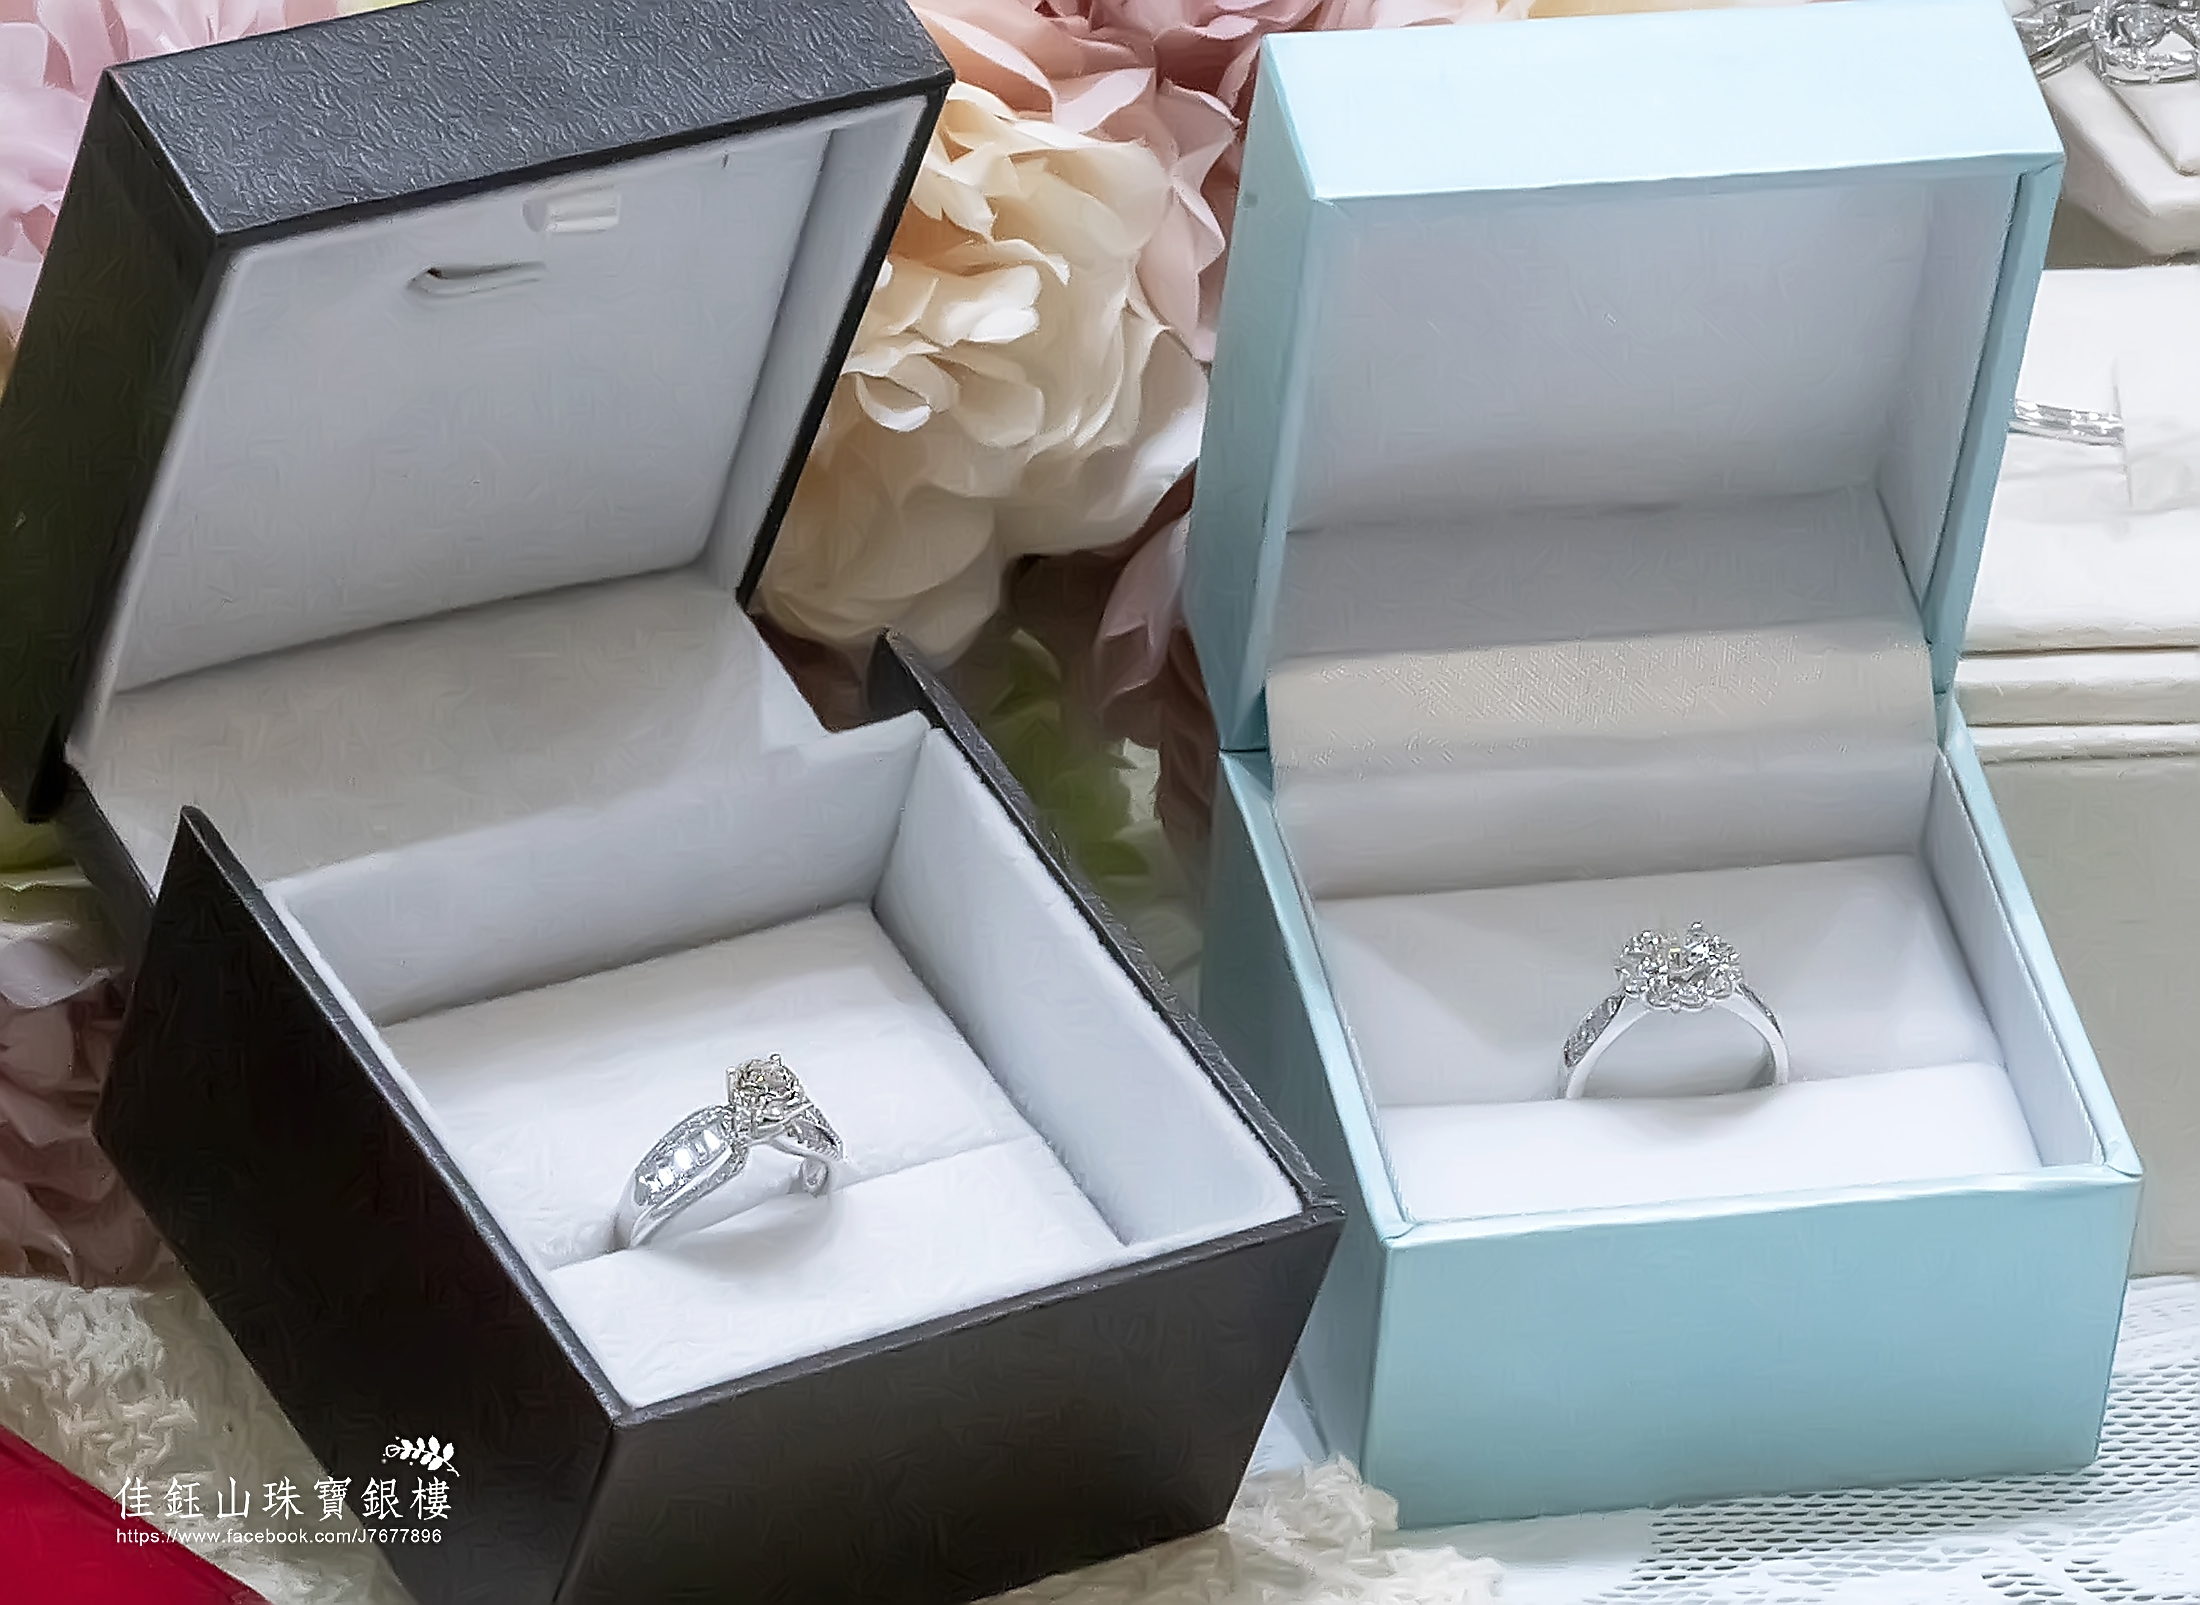 鑽石婚戒,,,,,,, - 佳鈺山珠寶銀樓 作品瀏覽